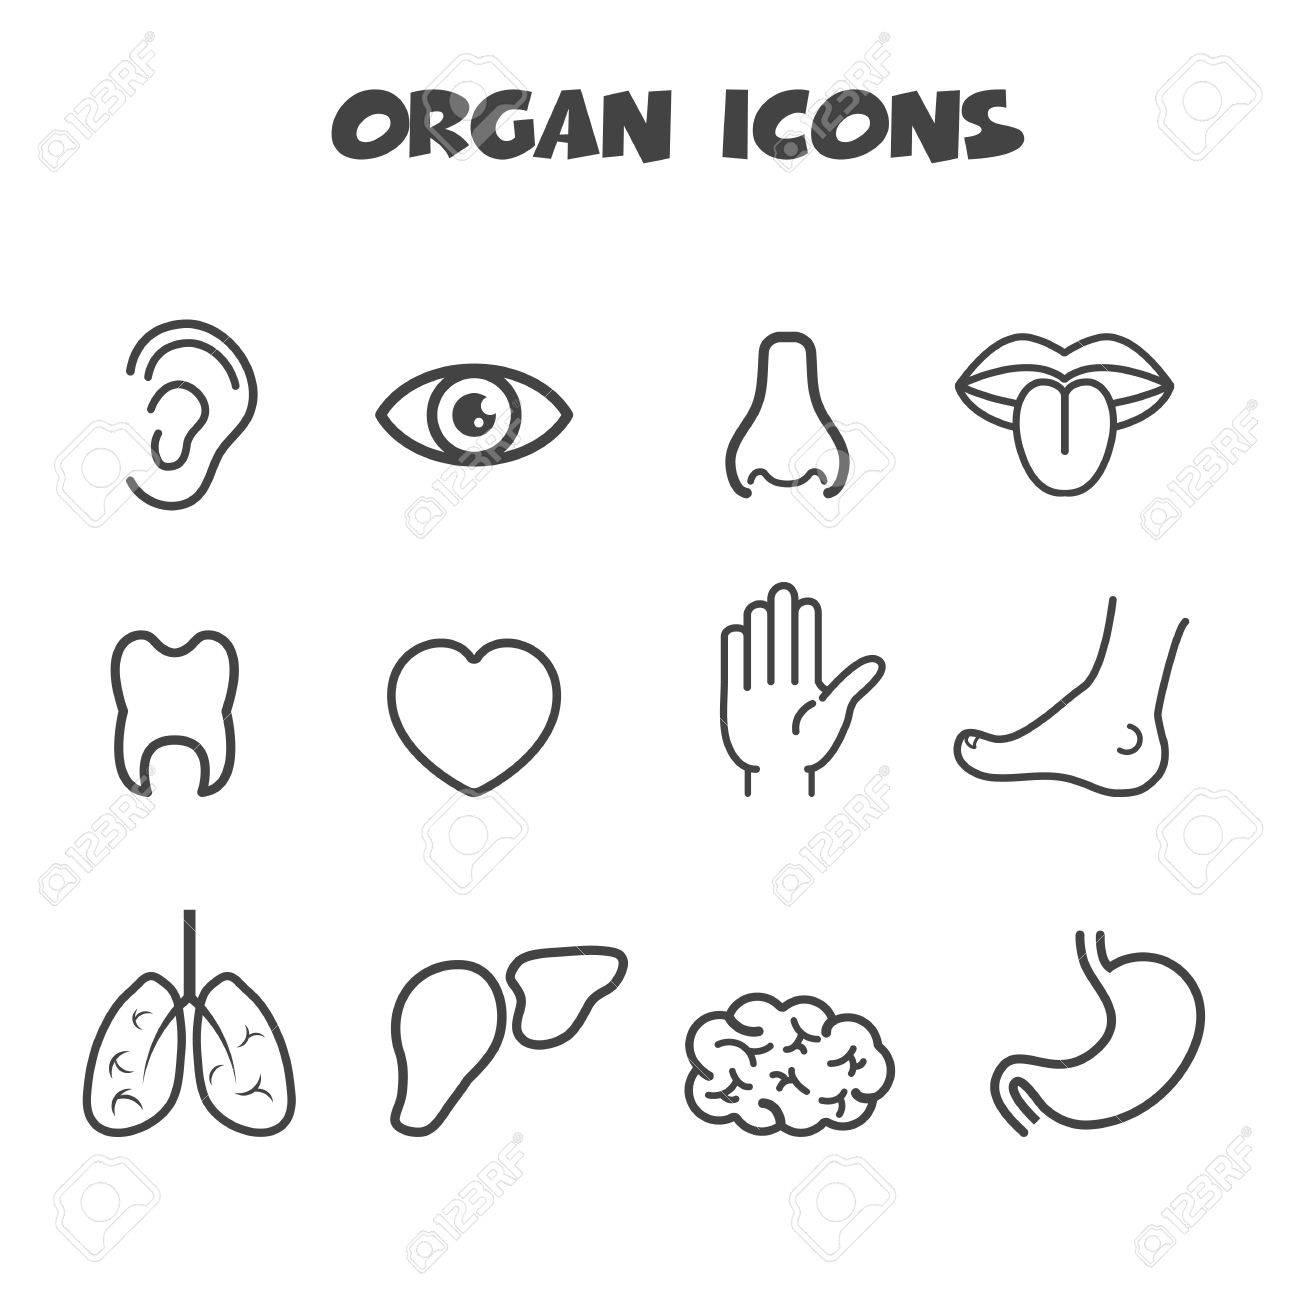 organ icons, mono vector symbols Stock Vector - 24941844